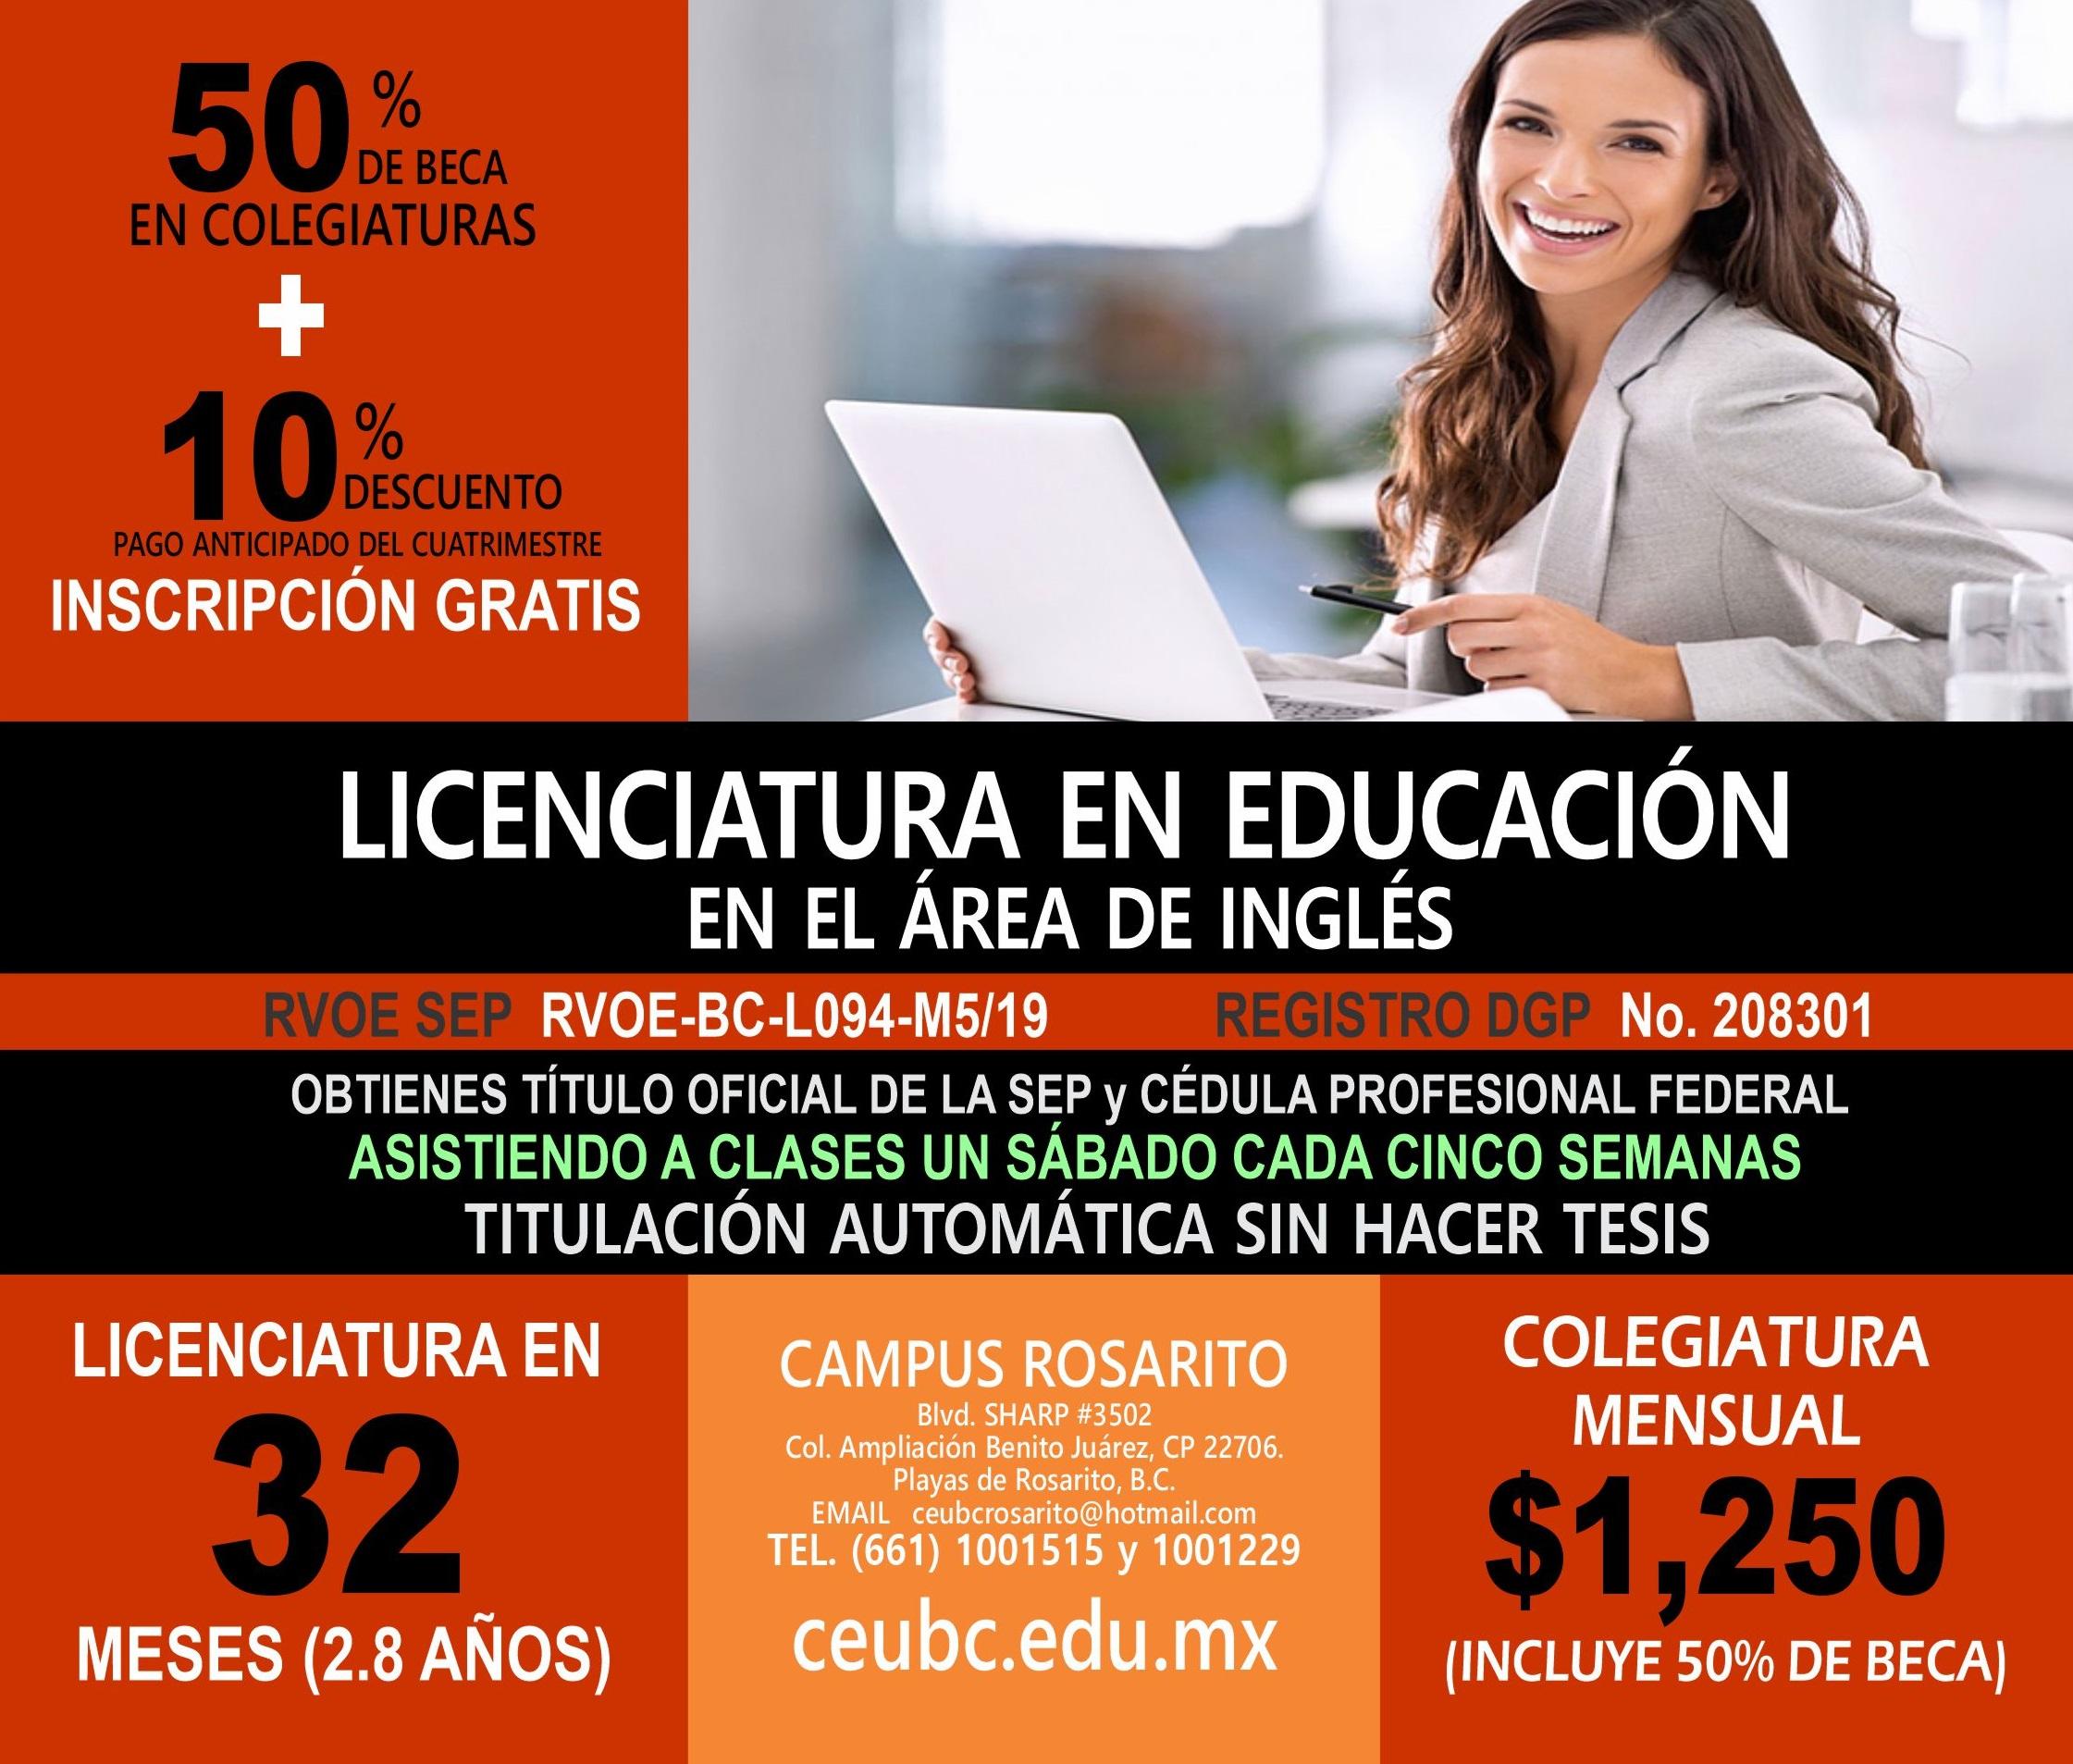 RVOE oficial: Licenciatura en Educación en el Área de Inglés